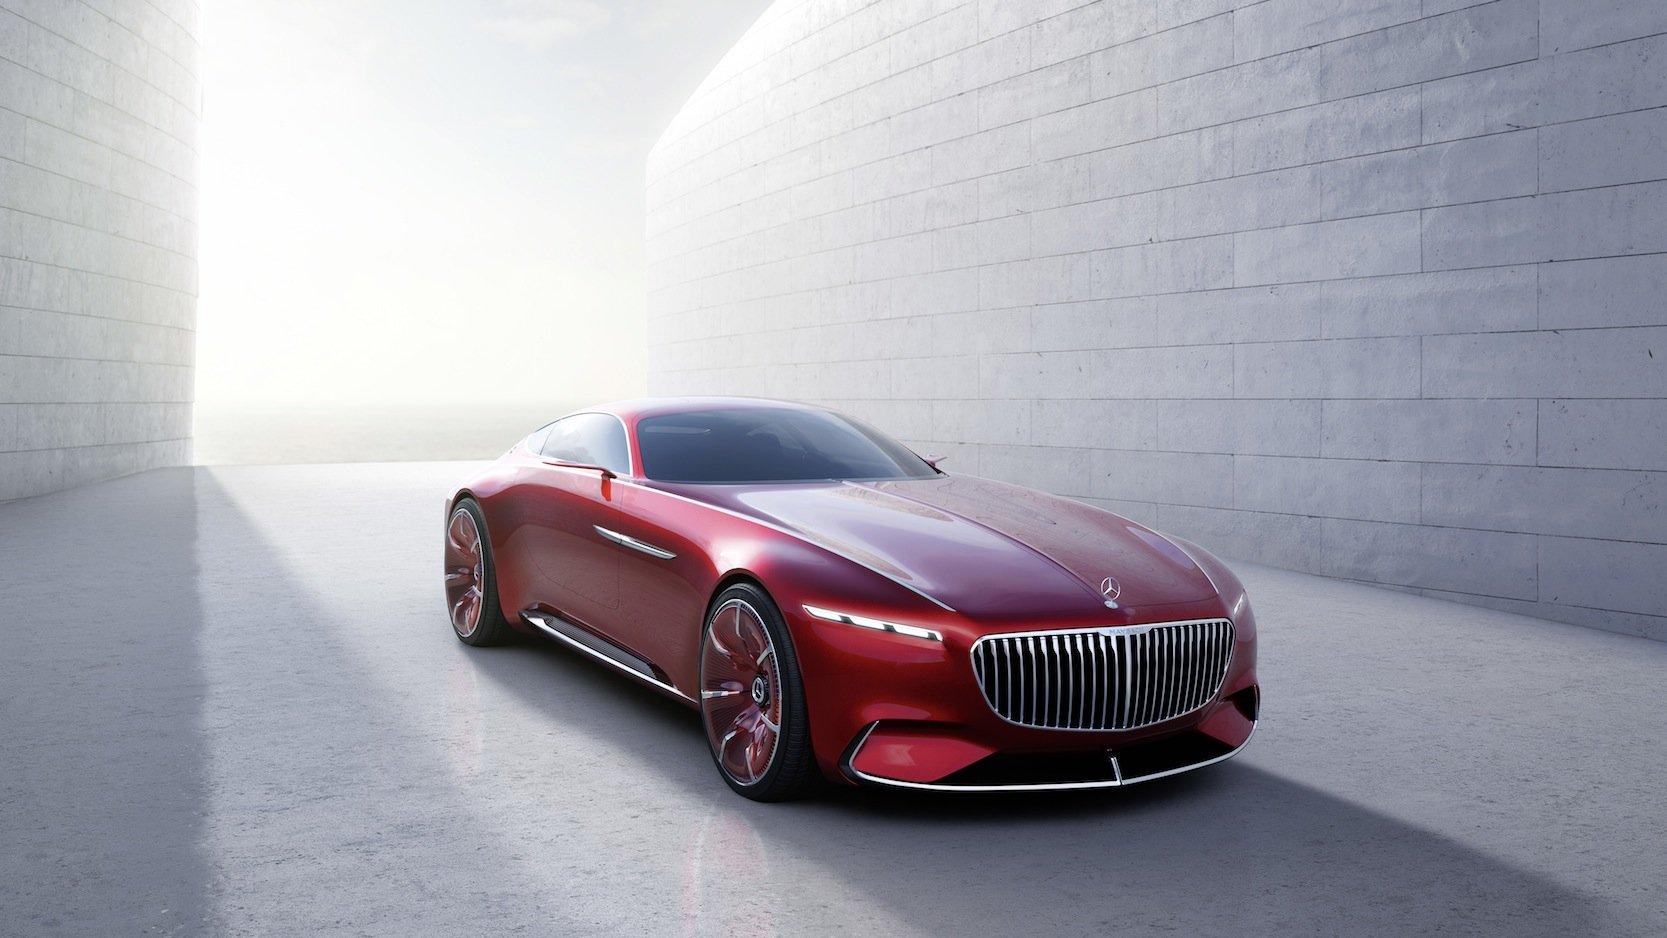 Der pure Luxus auf vier Rädern ist rot, 5,70 m lang und hat 750 PS.